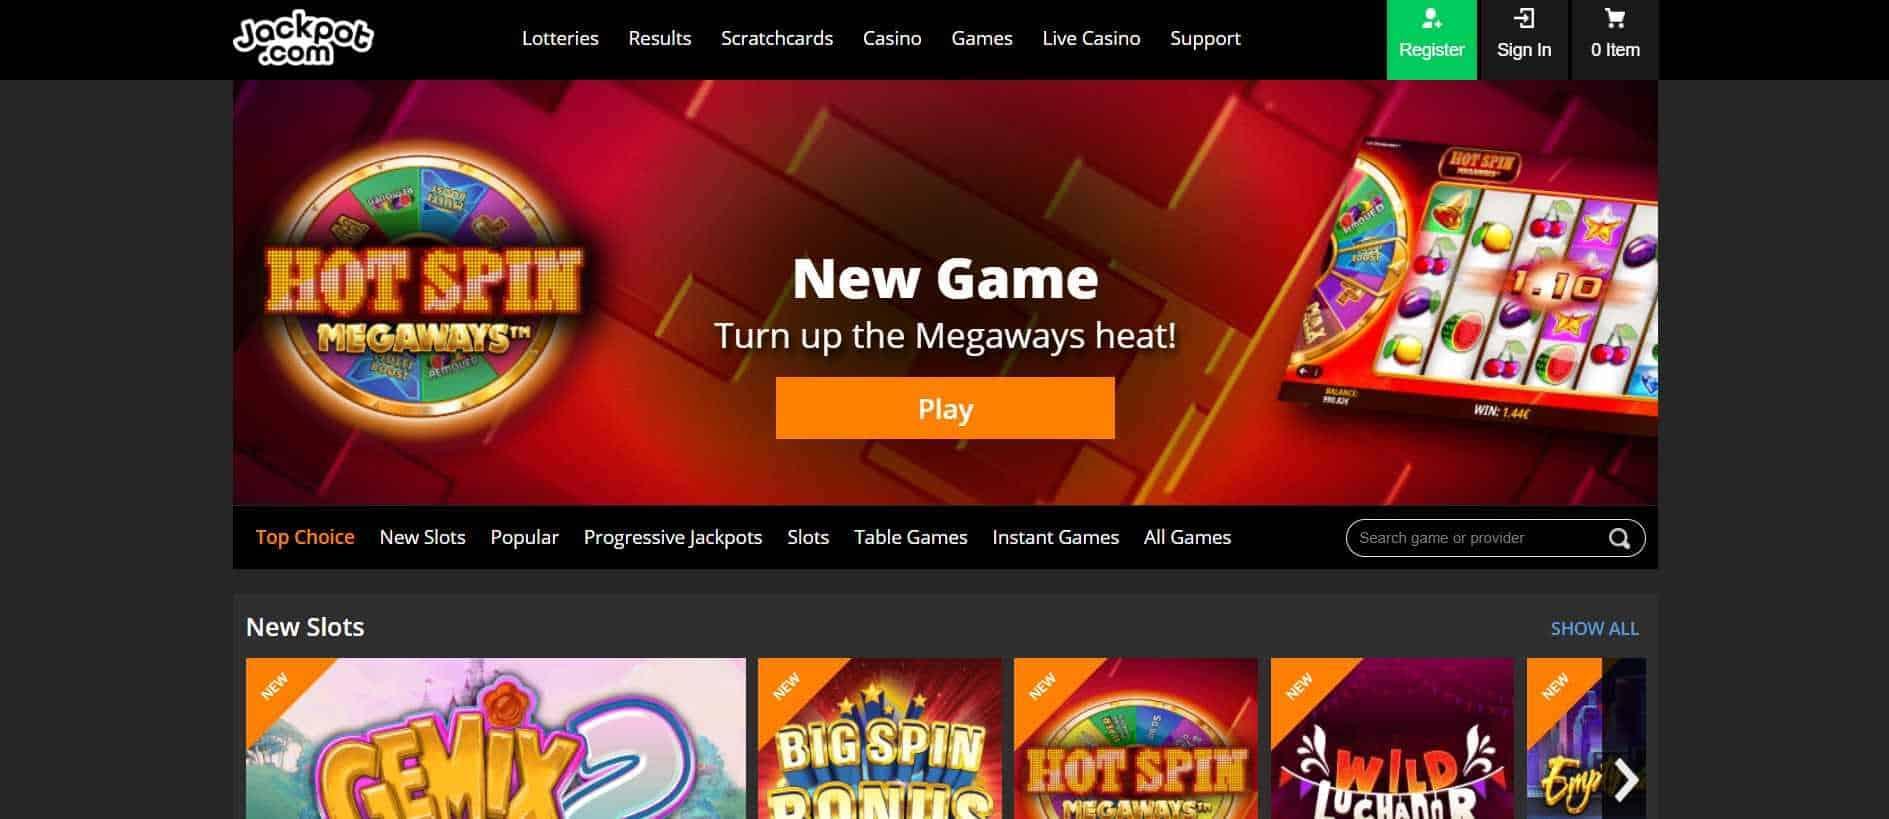 Jackpot.com Slots